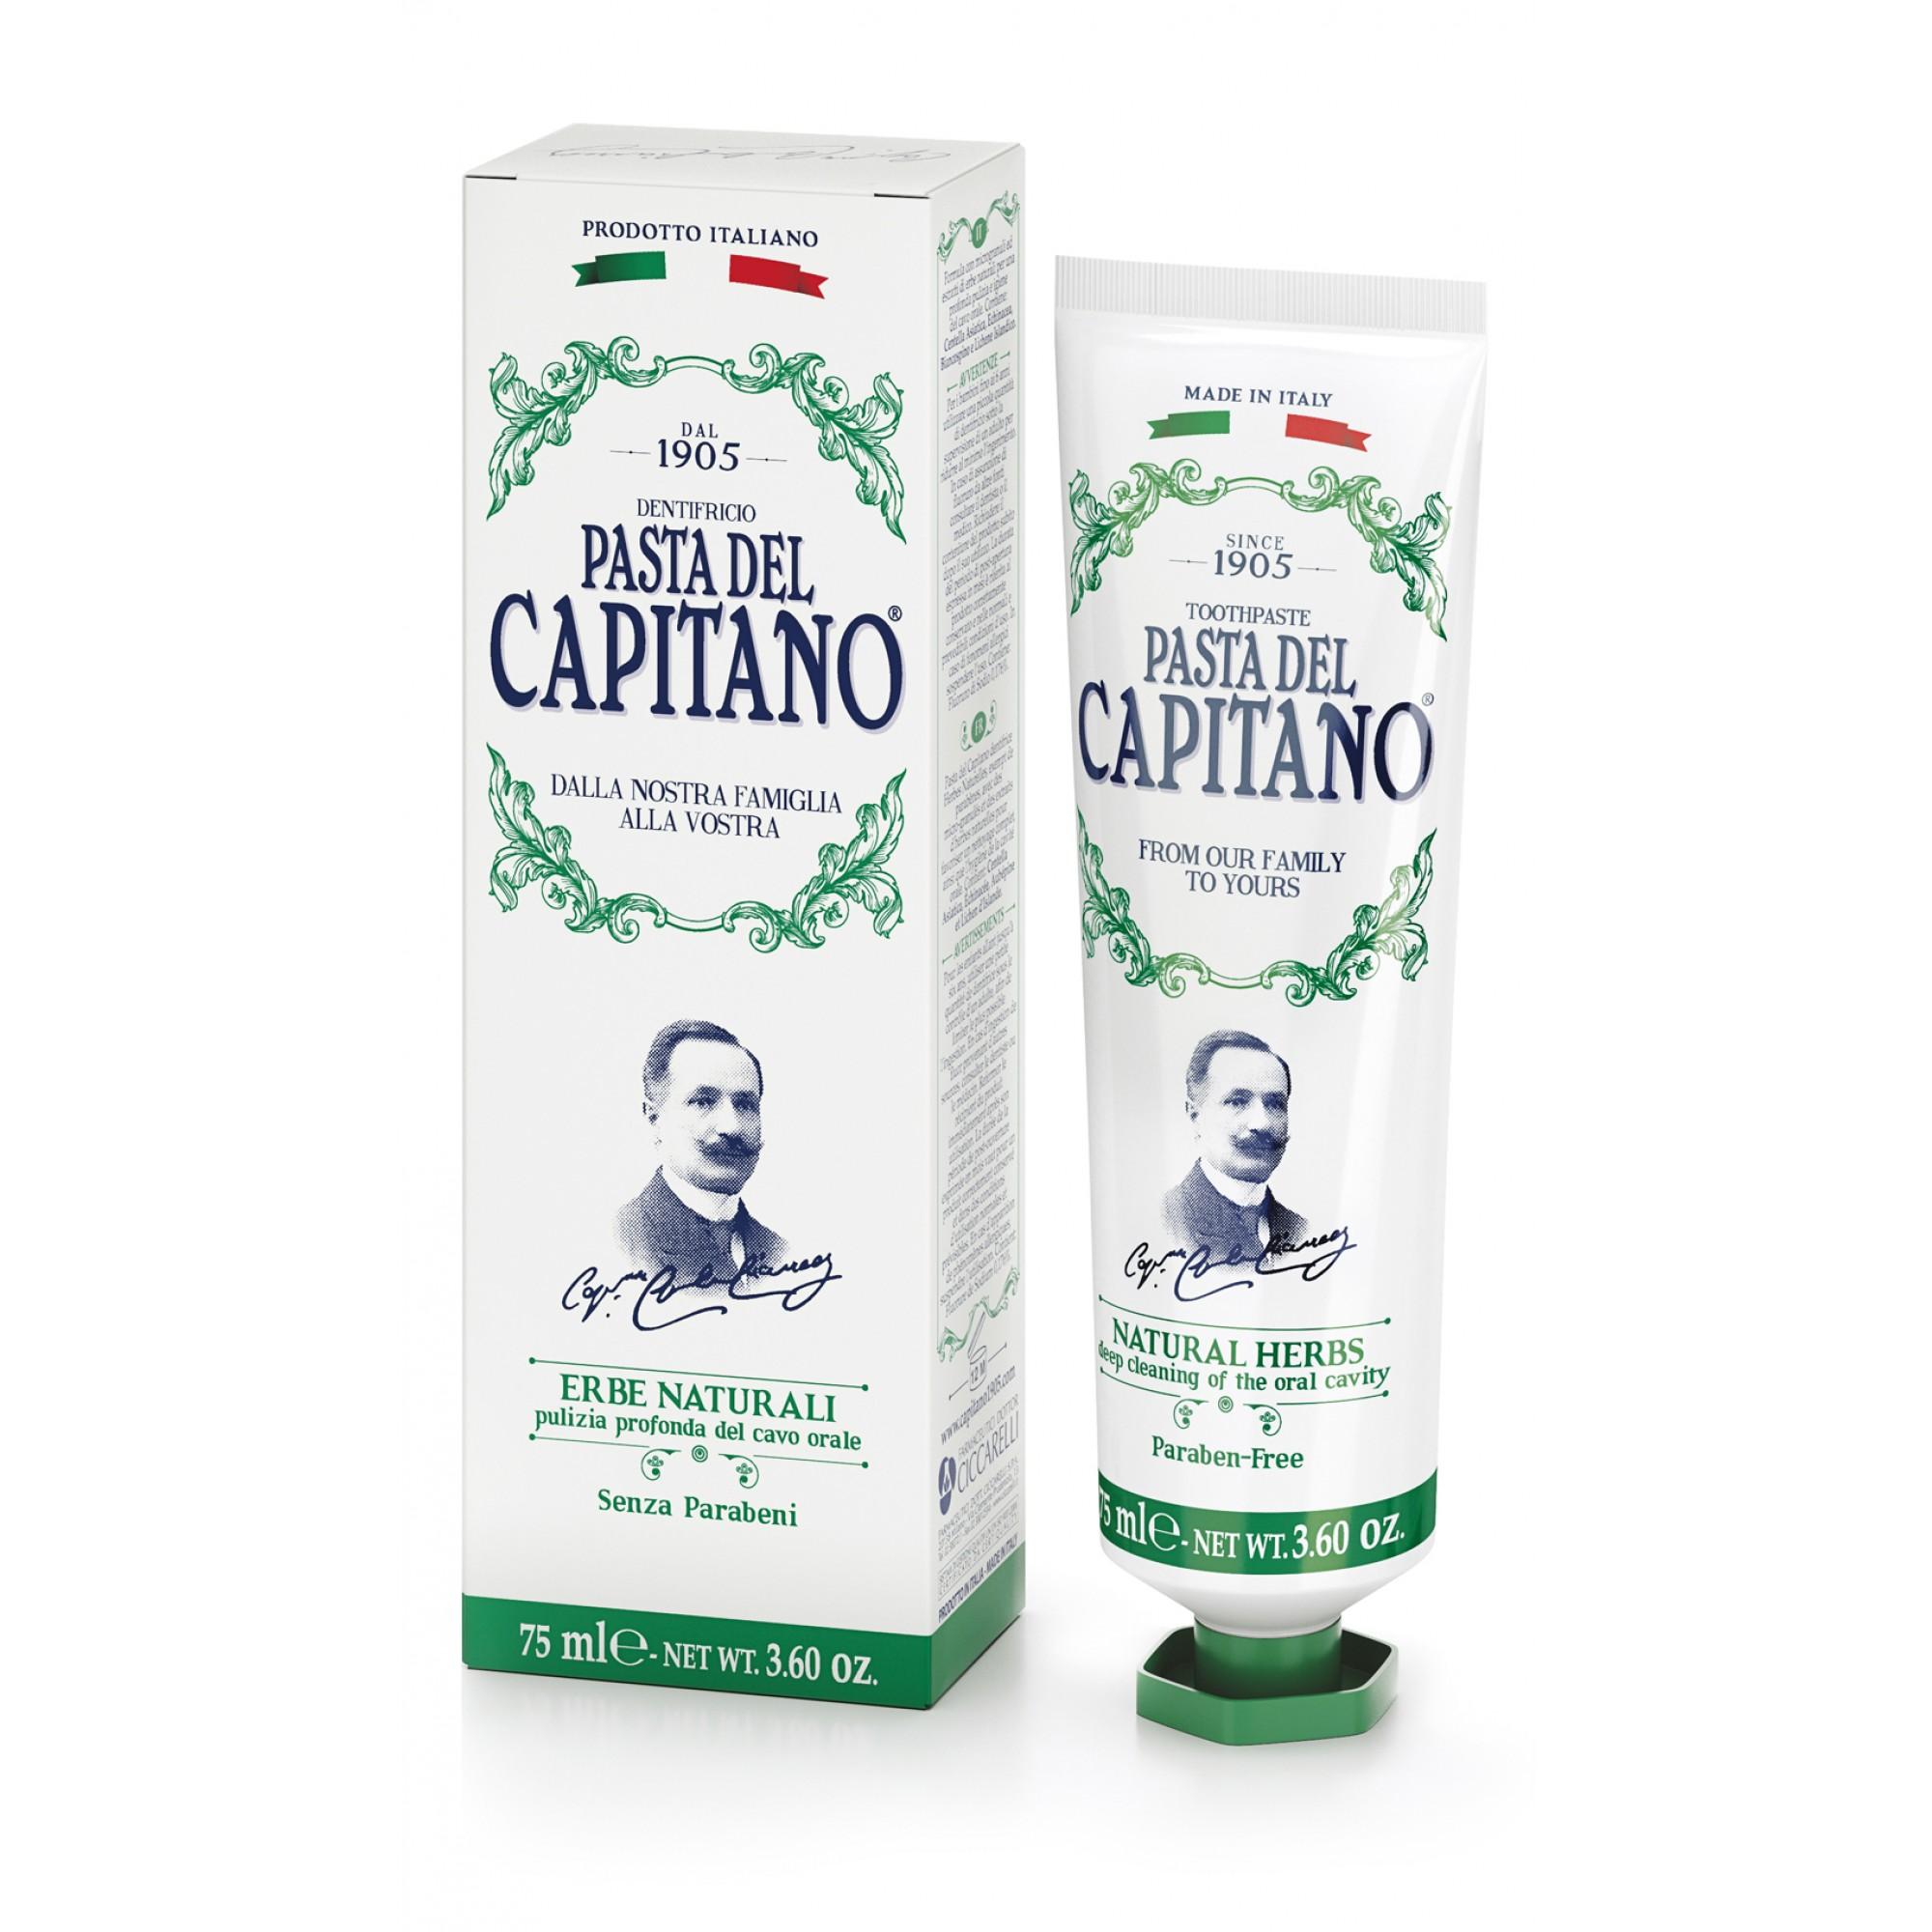 Pasta Del Capitano 1905 Dentifricio Erbe Naturali 75ml